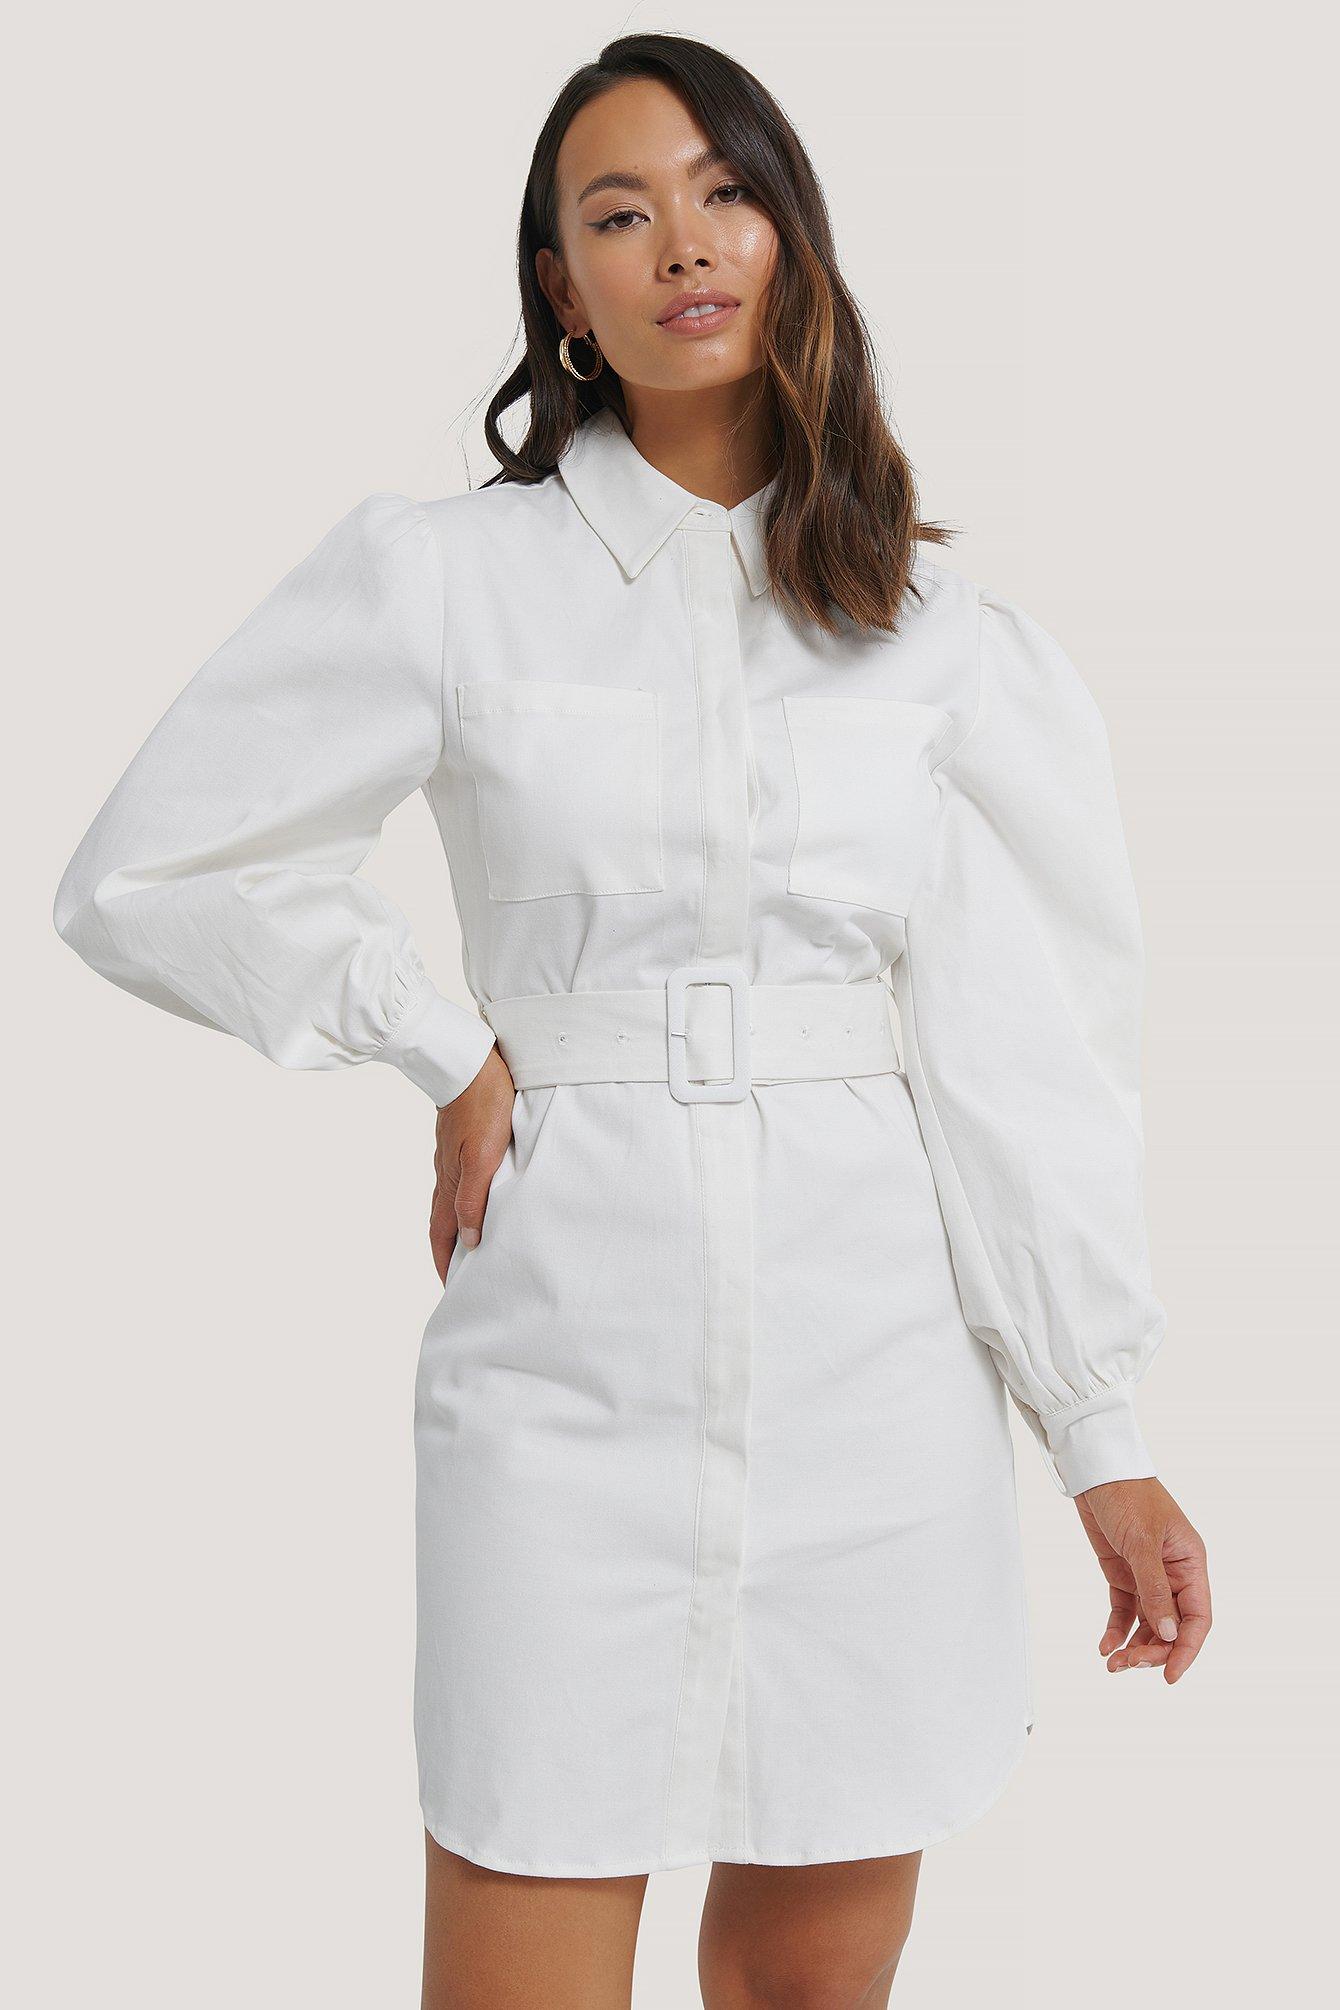 NA-KD Hemdkleid Mit Gürtel - White | Bekleidung > Kleider > Blusenkleider | NA-KD